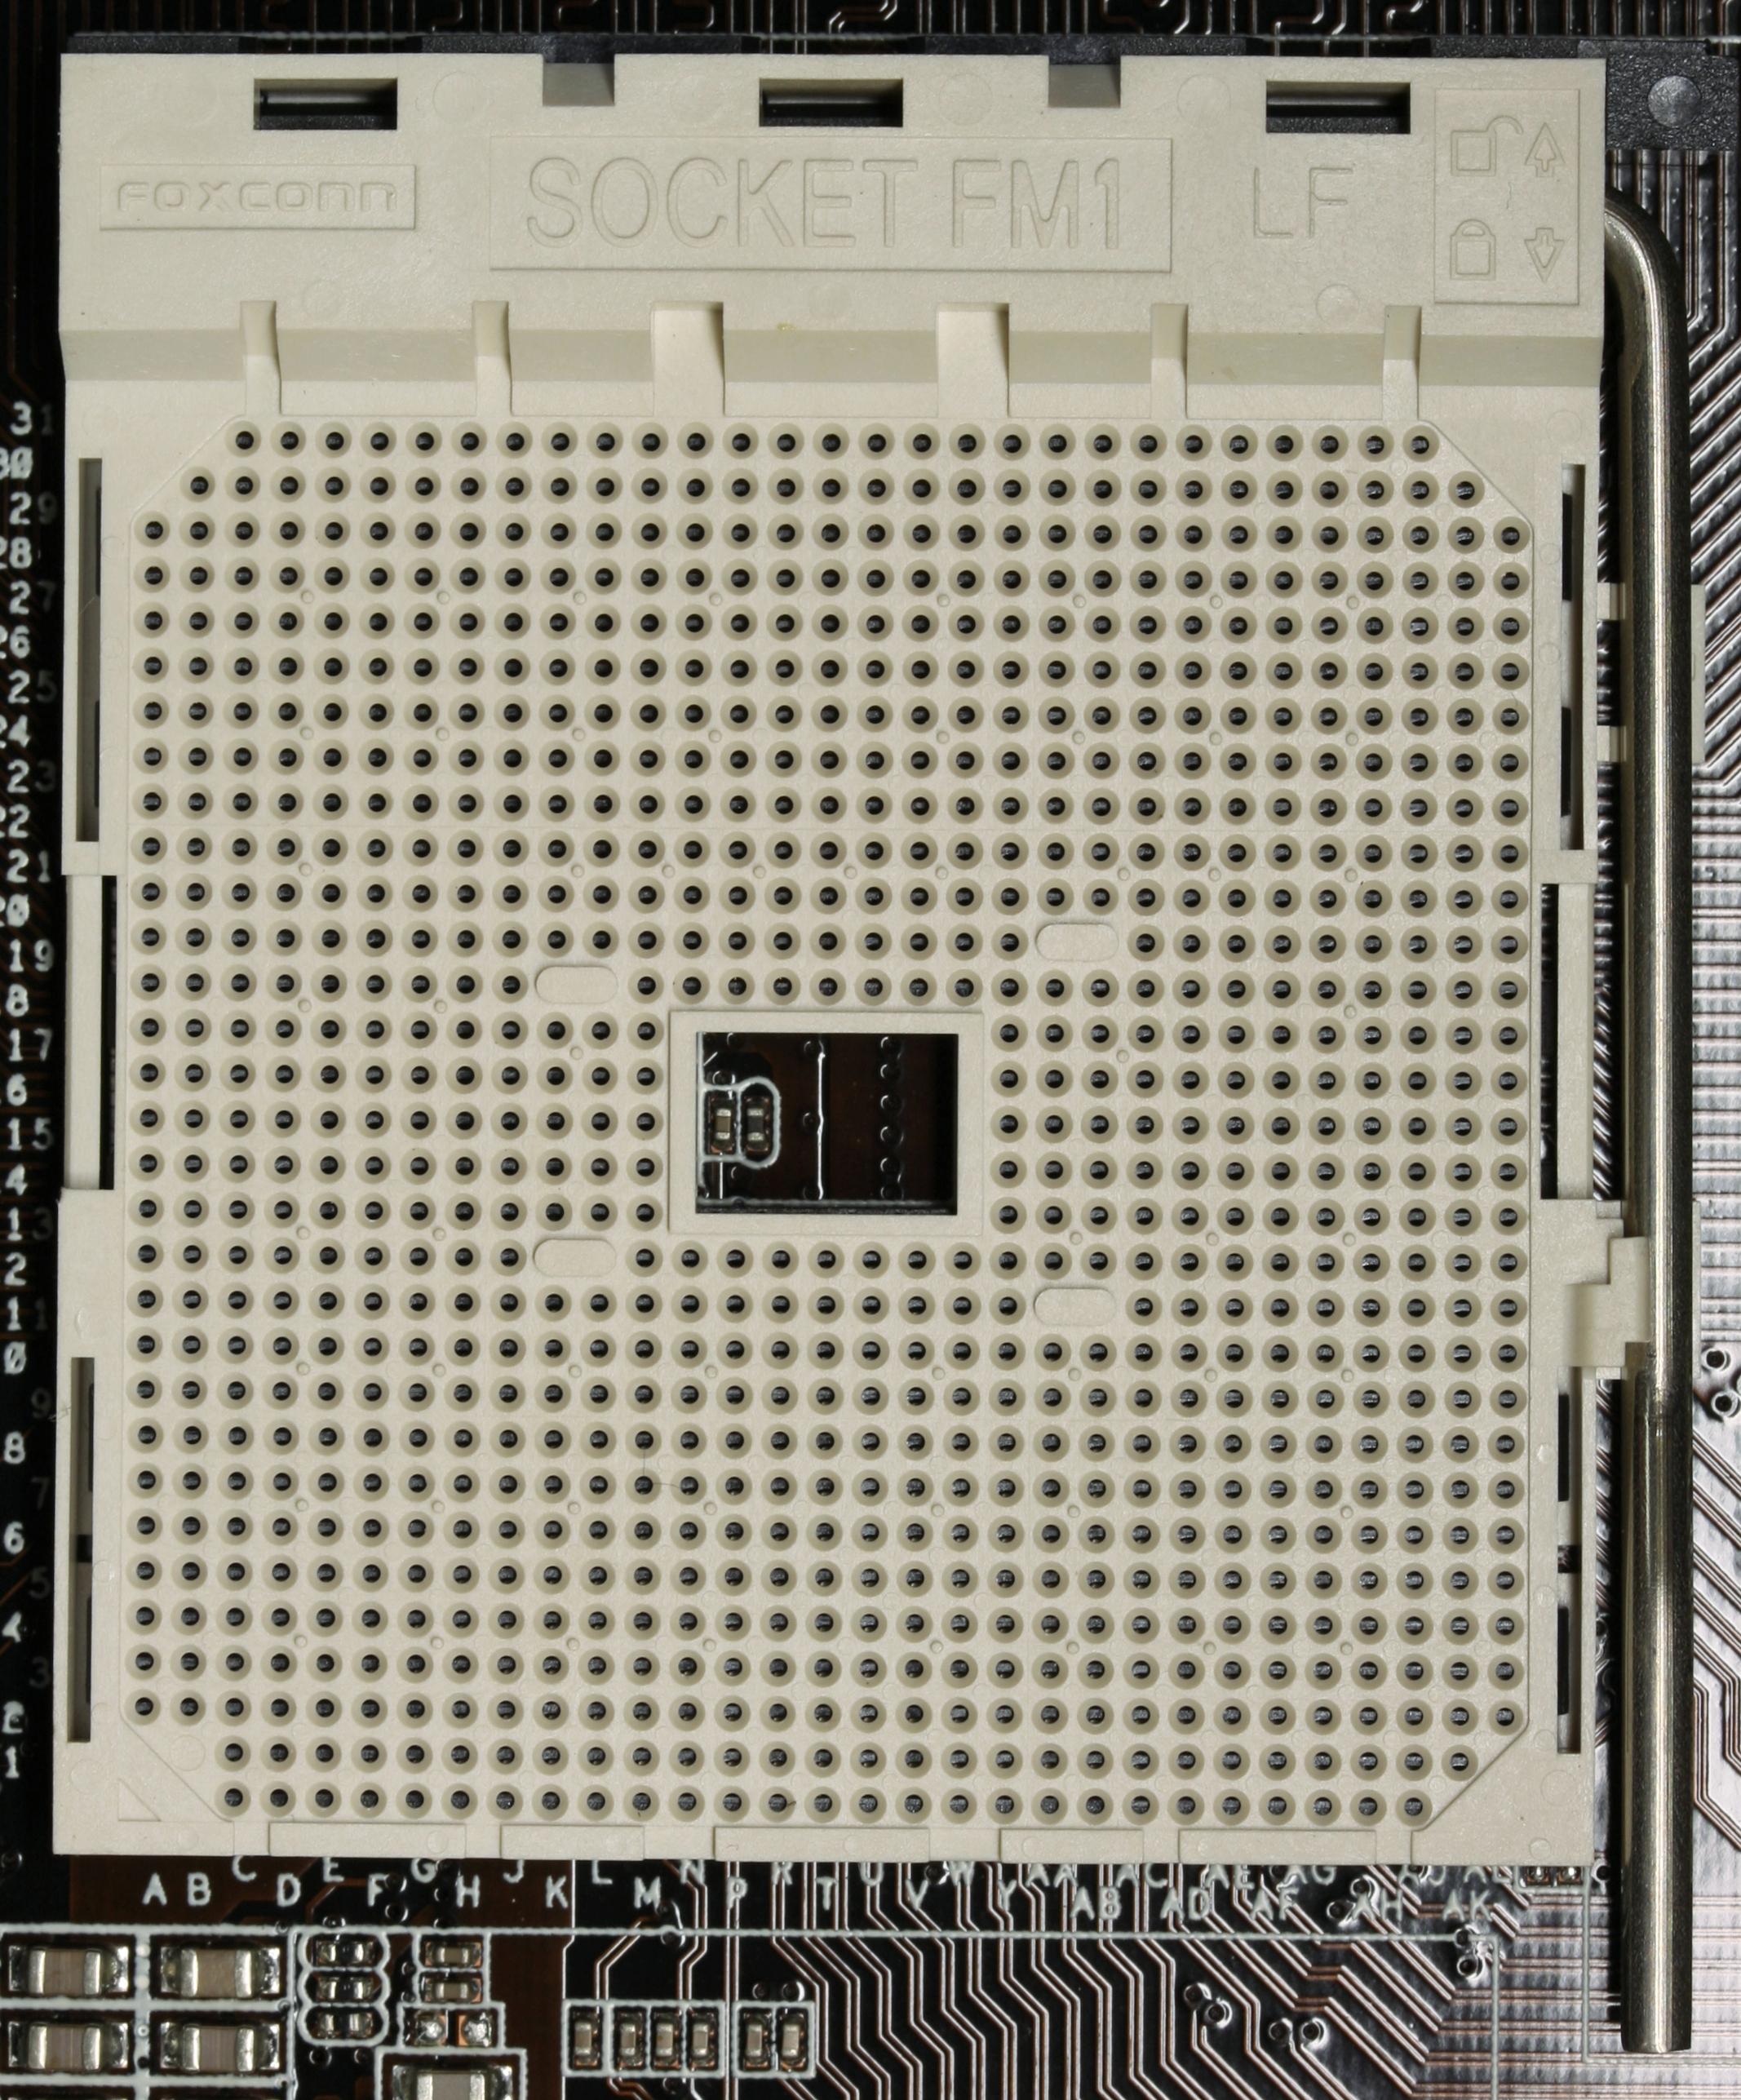 Daftar Harga MotherBoard AMD FM1 Terbaru Desember 2012